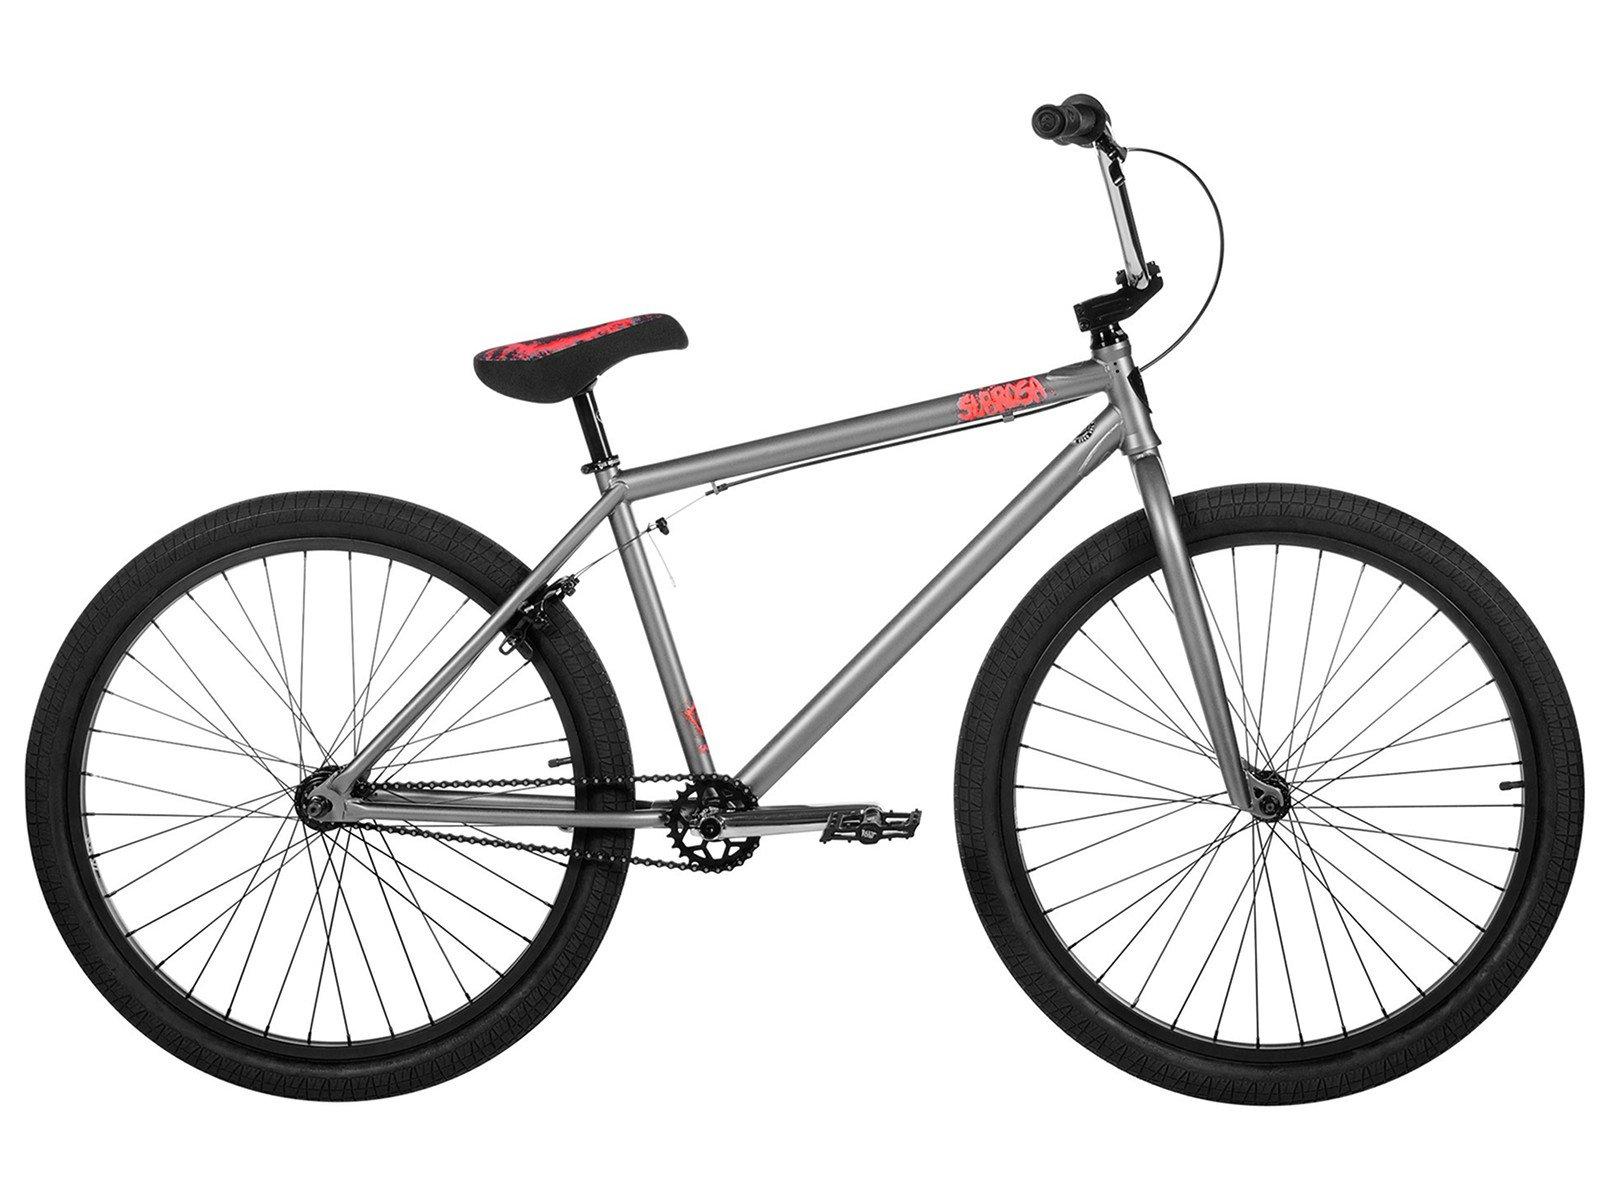 subrosa bikes salvador 26 2017 bmx cruiser bike satin phosphate 26 inch kunstform bmx. Black Bedroom Furniture Sets. Home Design Ideas